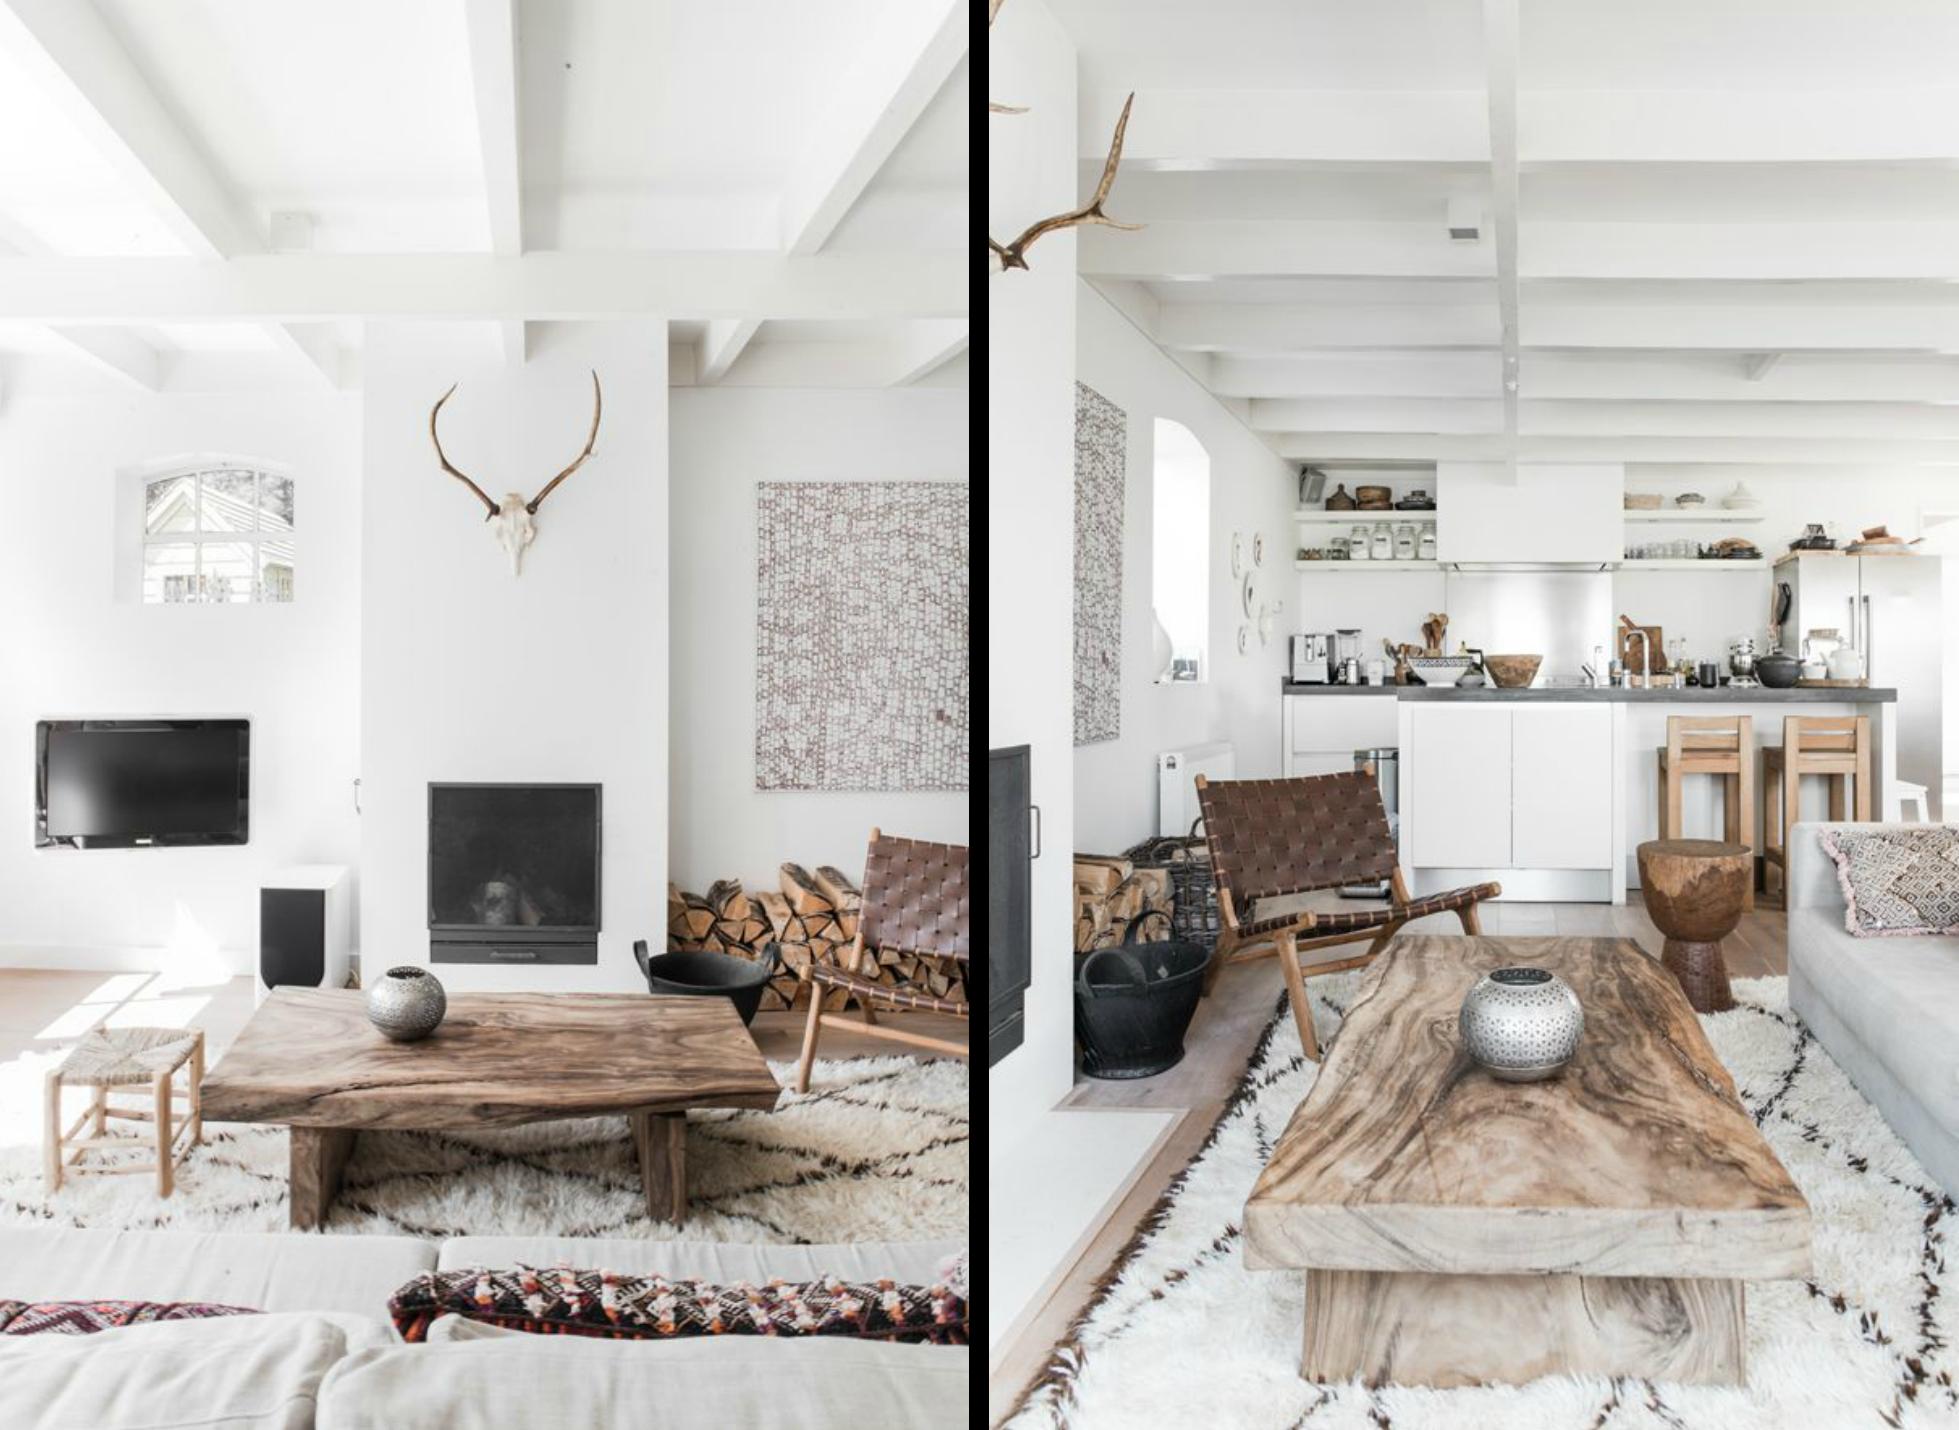 Une maison de famille au style scandinave rustique madame d core - Maison style rustique ...